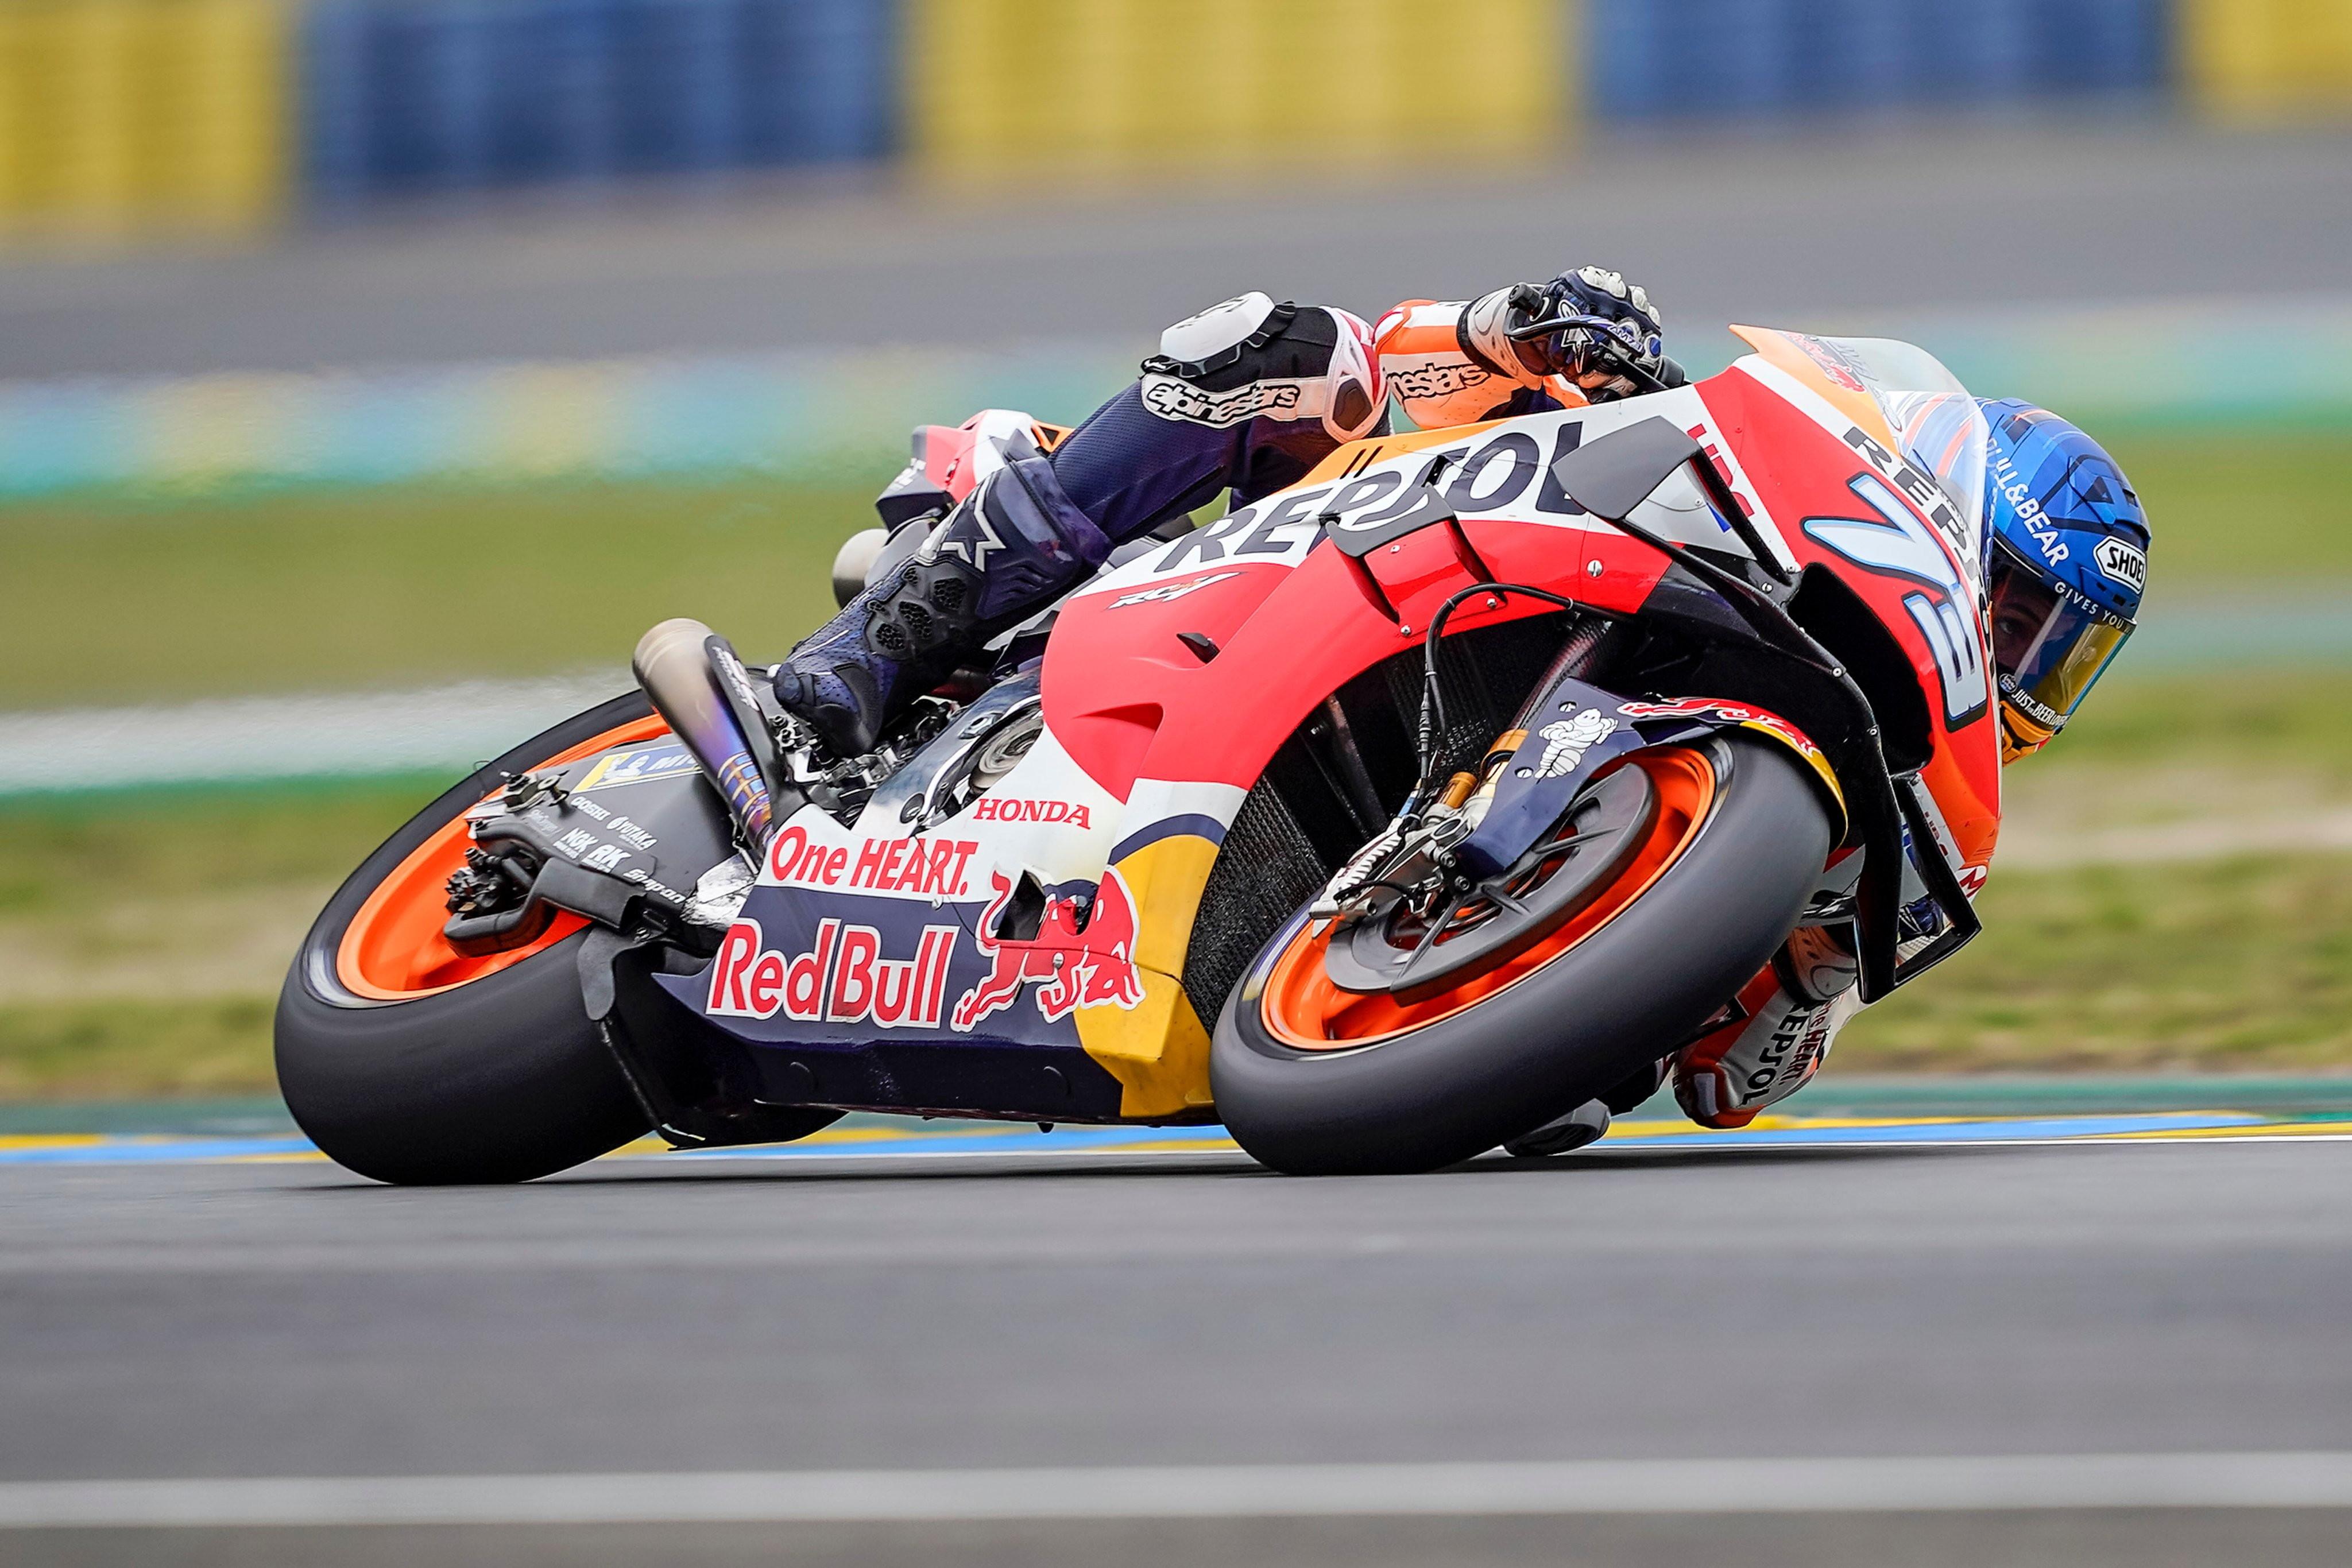 Primo successo stagionale per il ducatista, nella stagione d&#39;esordio in MotoGP arriva anche il primo podio stagionale per il fratello di Marc Marquez<br /><br />